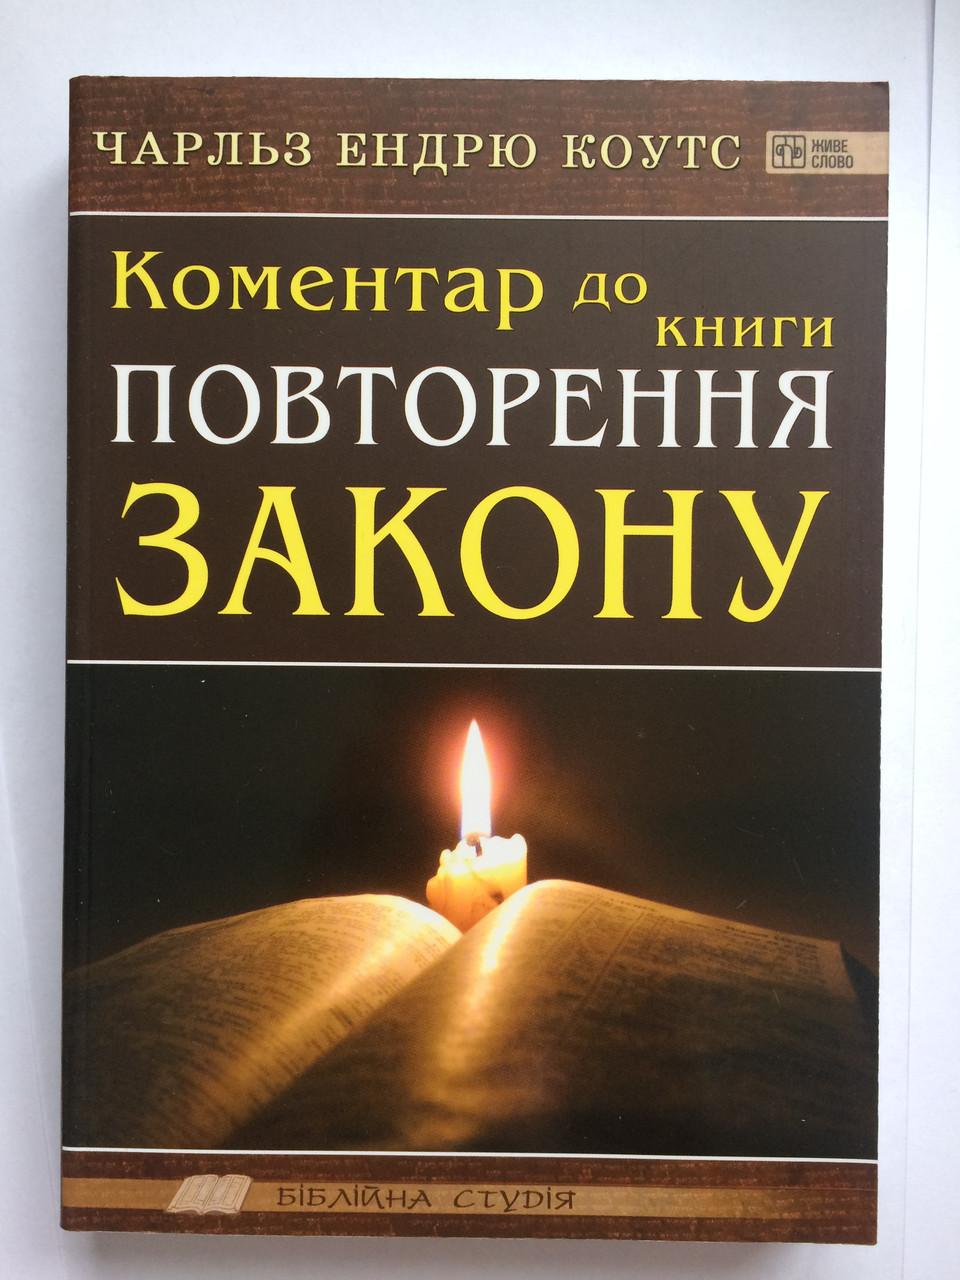 Коментар до книги Повторення Закону. Чарльз Эндрю Коутс